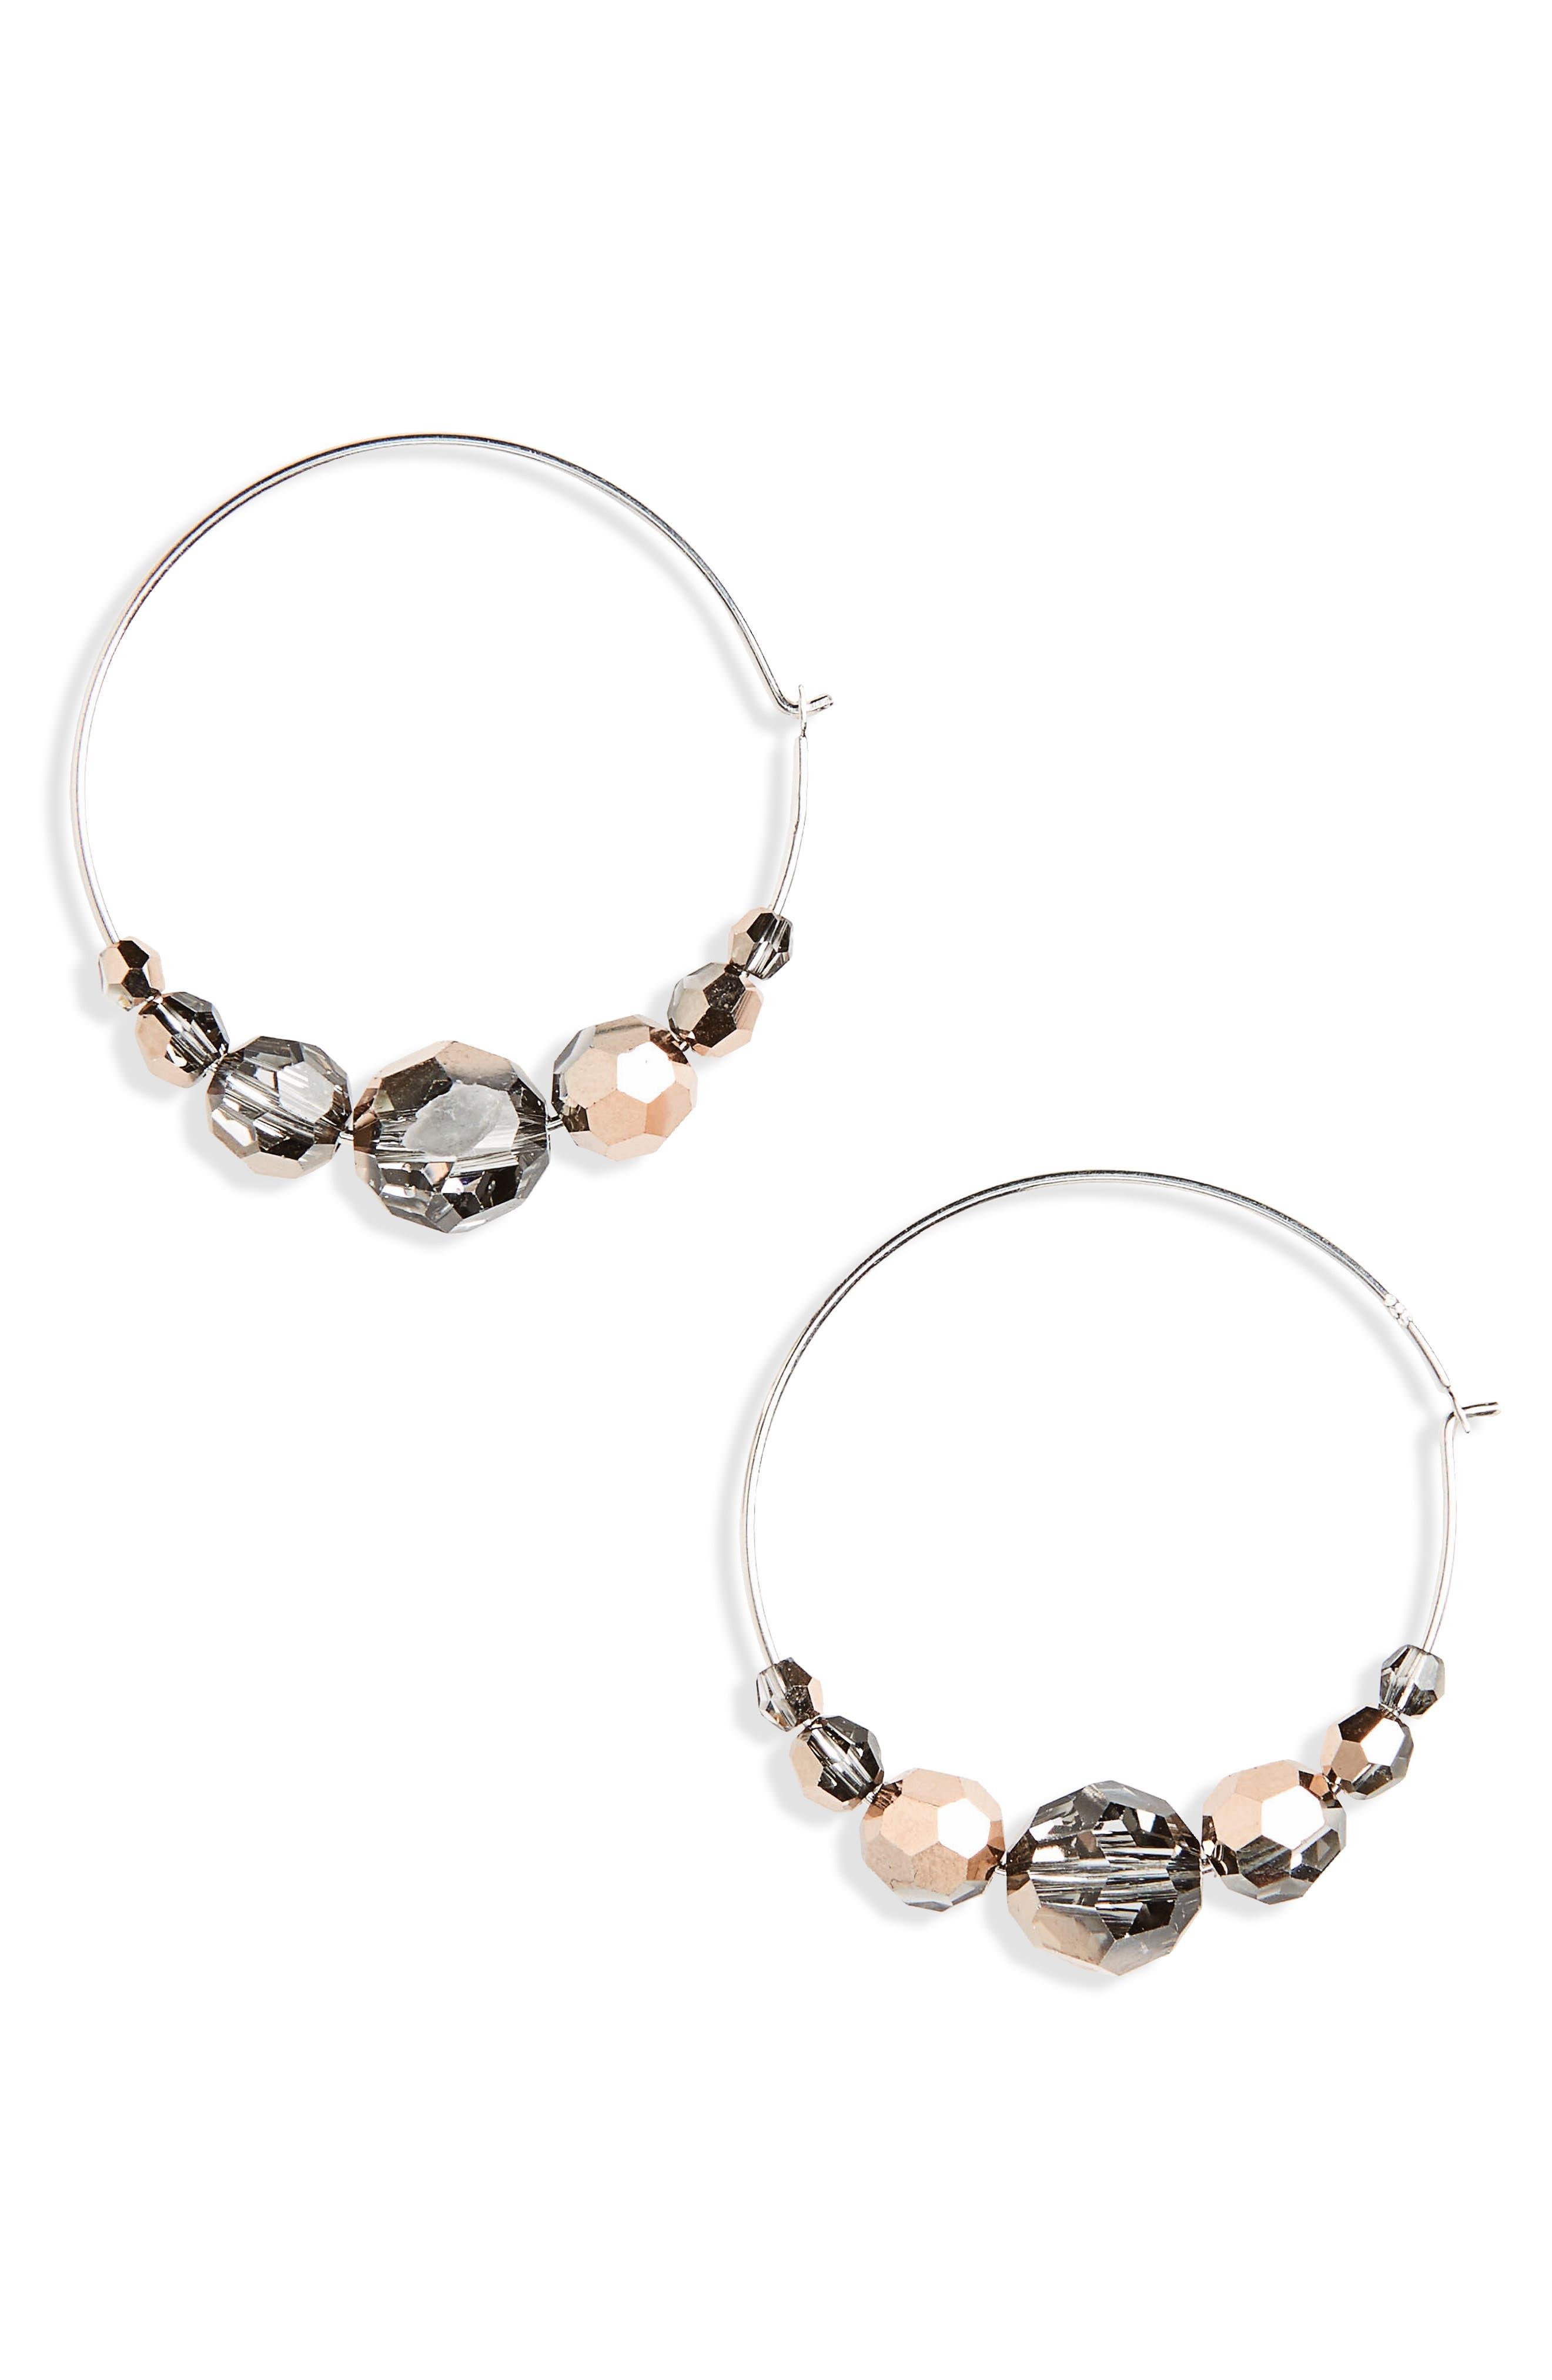 Main Image - Chan Luu Graduated Crystal Hoop Earrings